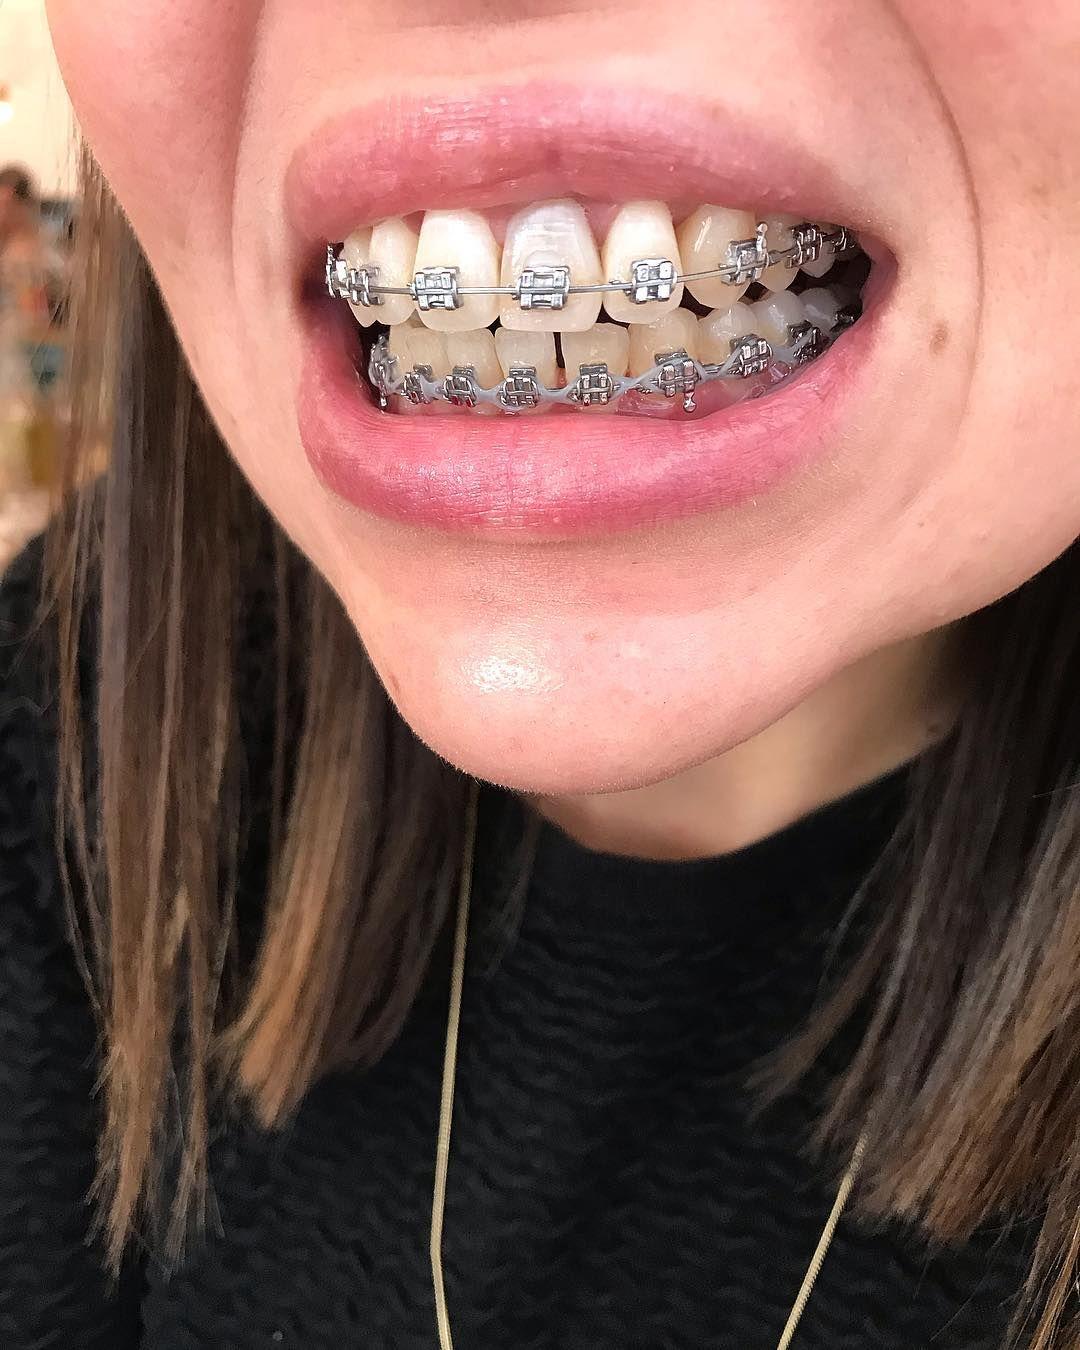 правильно клеить фото металлических брекетов на зубах брат